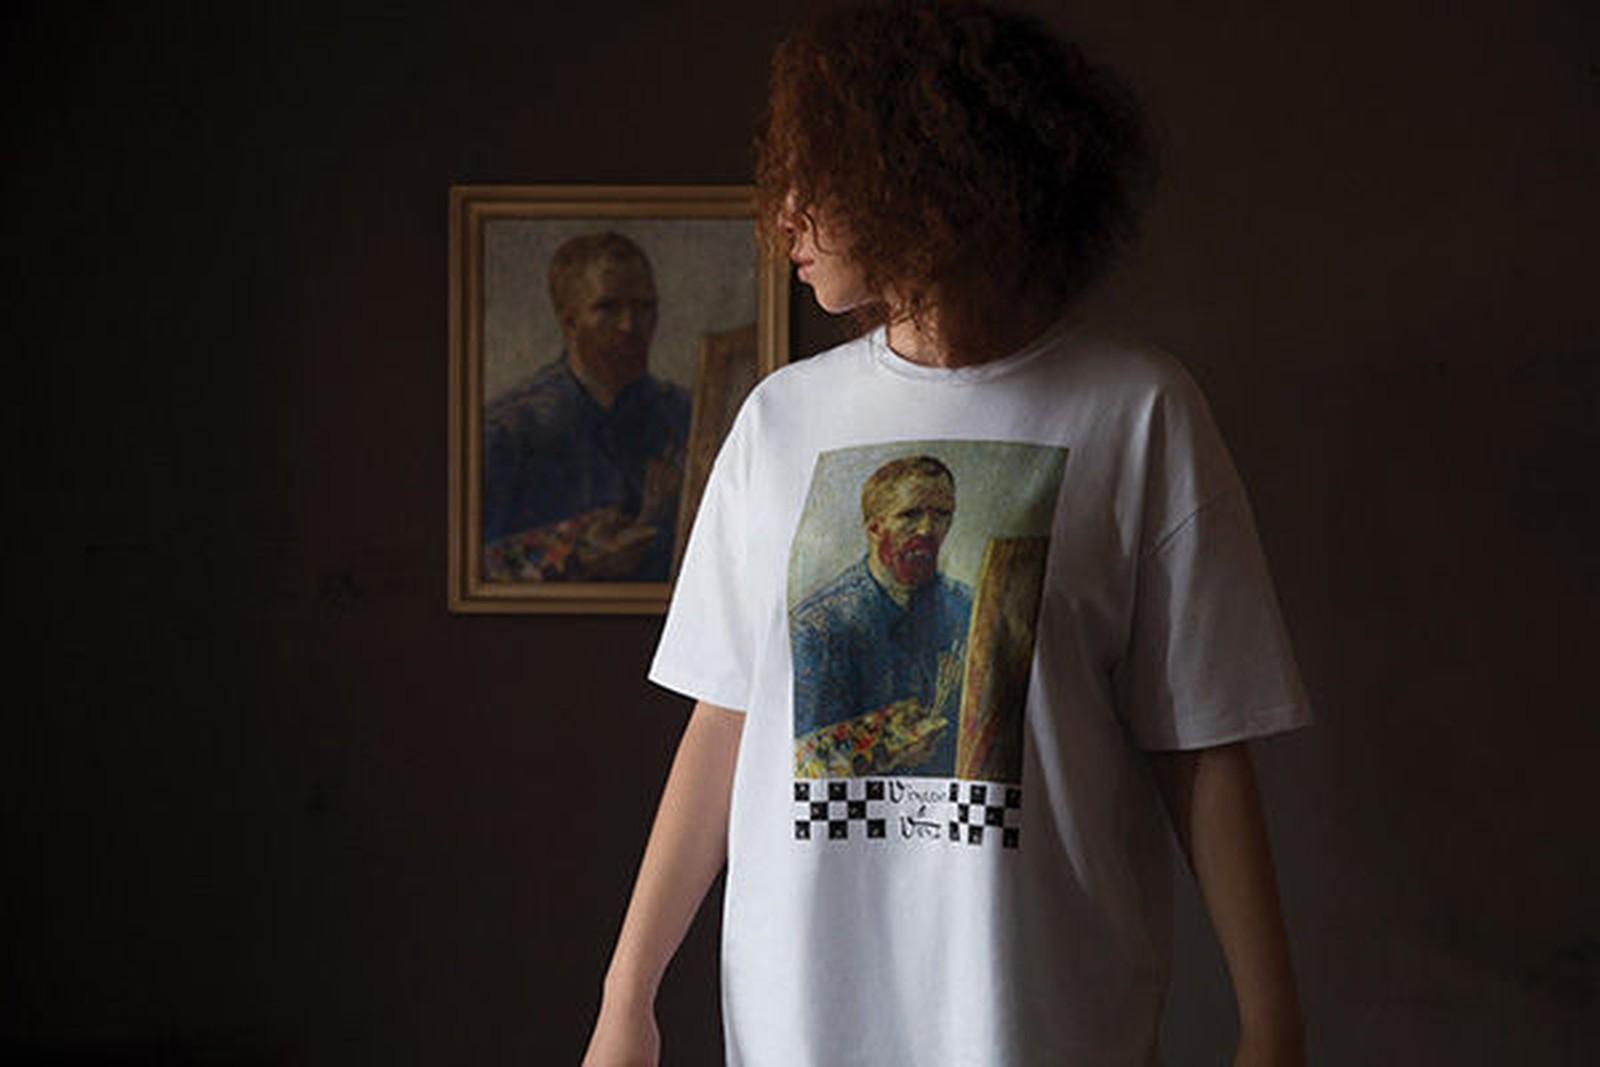 Obras clássicas do pintor Vincent van Gogh (1853-1890) estampam roupas e  sapatos em uma parceria entre o Museu Van Gogh 623e81d87d37e